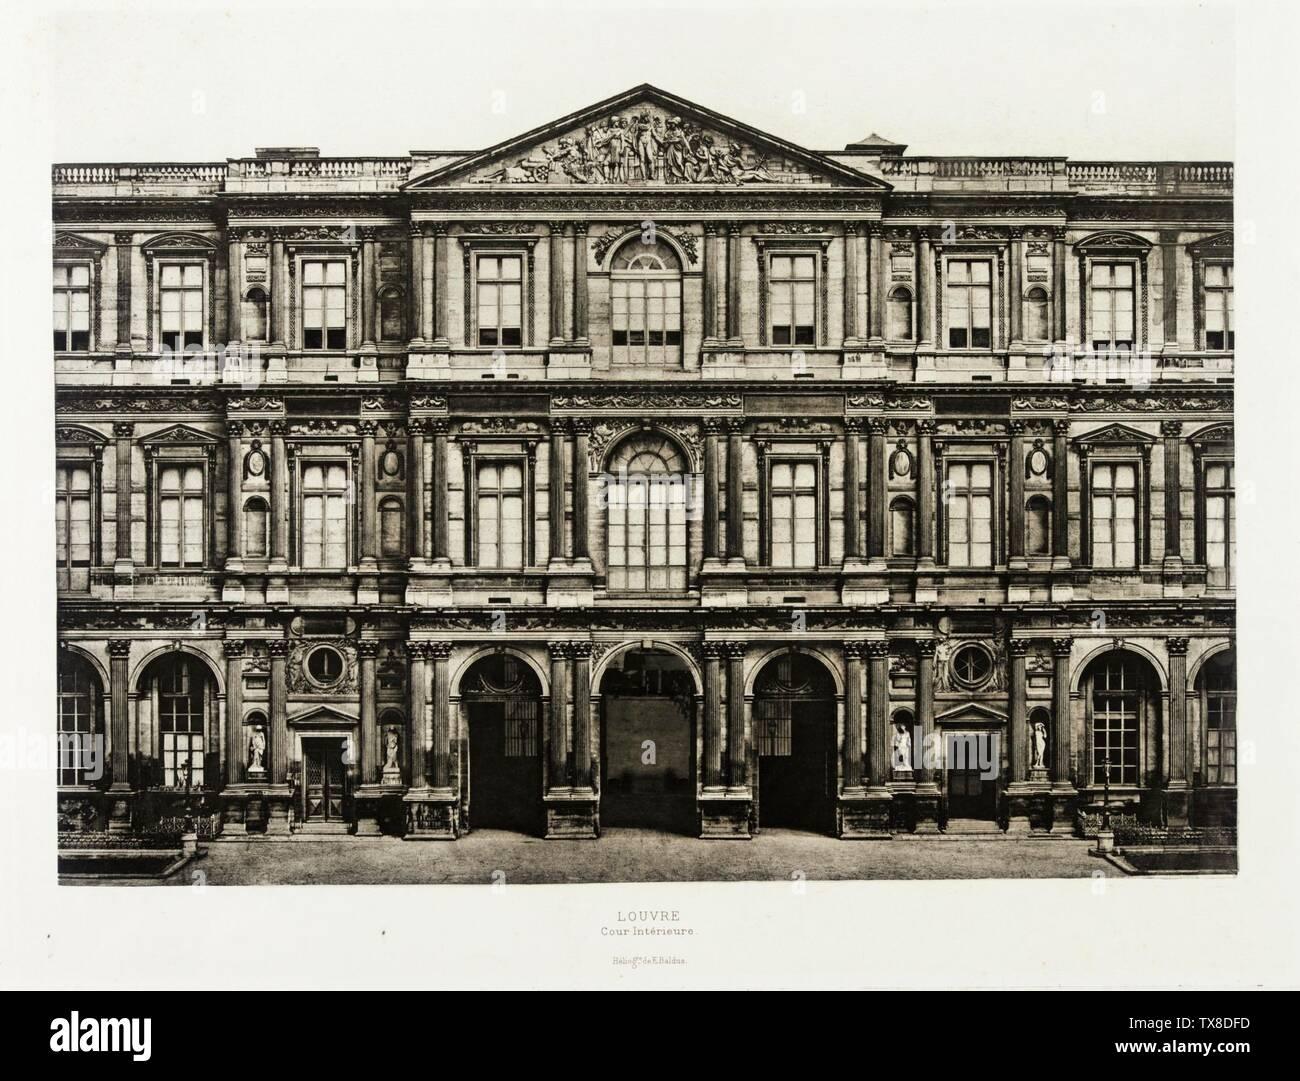 Louvre, cour intèrieure; façade sud du Pavillon de Marengo sur le côté nord de la Cour carrée du Louvre à Paris France, vers 1856 Photographies Photographe image: 14 3/4 x 19 in. (37,47 x 48,26 cm) ; feuille : 17 1/2 x 25 po. (44,45 x 63,5 cm) cadeau anonyme (AC1998.239.1) Photographie; vers 1856 date QS:P571,+1856-00-00T00:00:00Z/9,P1480,Q5727902; Banque D'Images